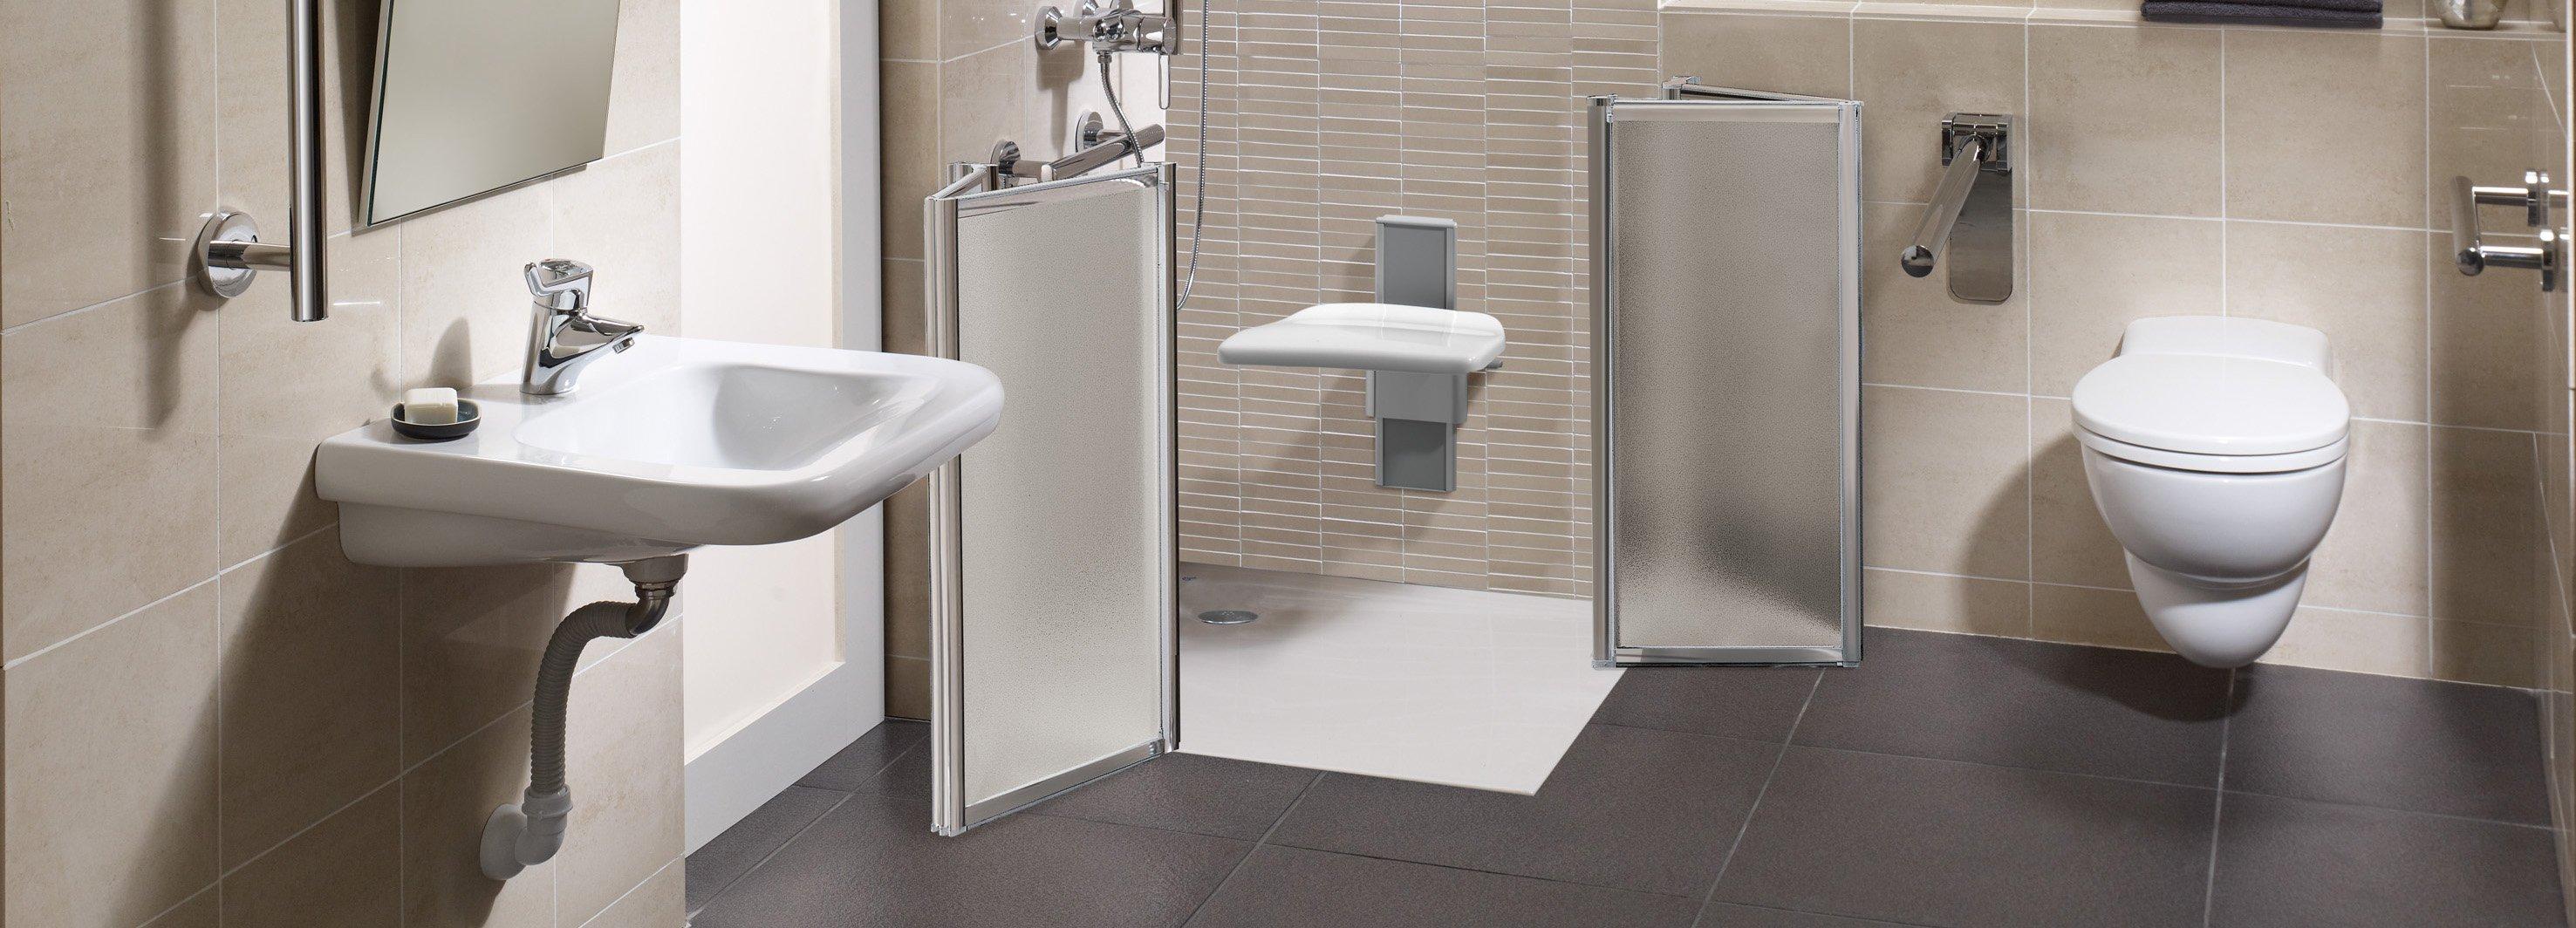 Un bagno pi comodo anche per anziani e disabili cose di casa - Bagno di casa ...